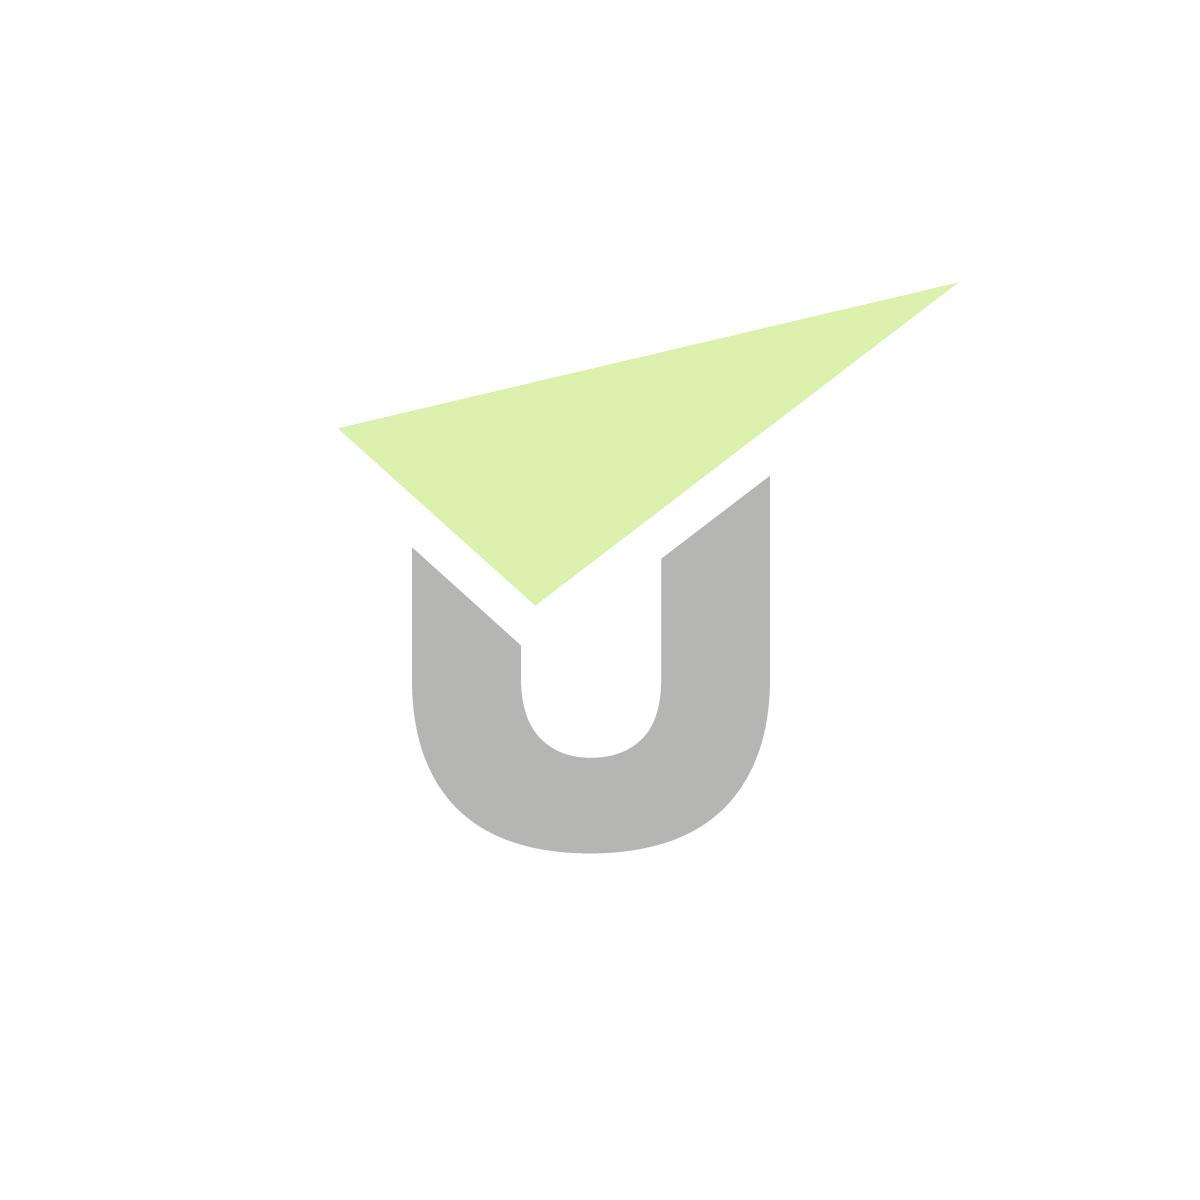 FLUFFY CAT HOUSE como producto recomendado